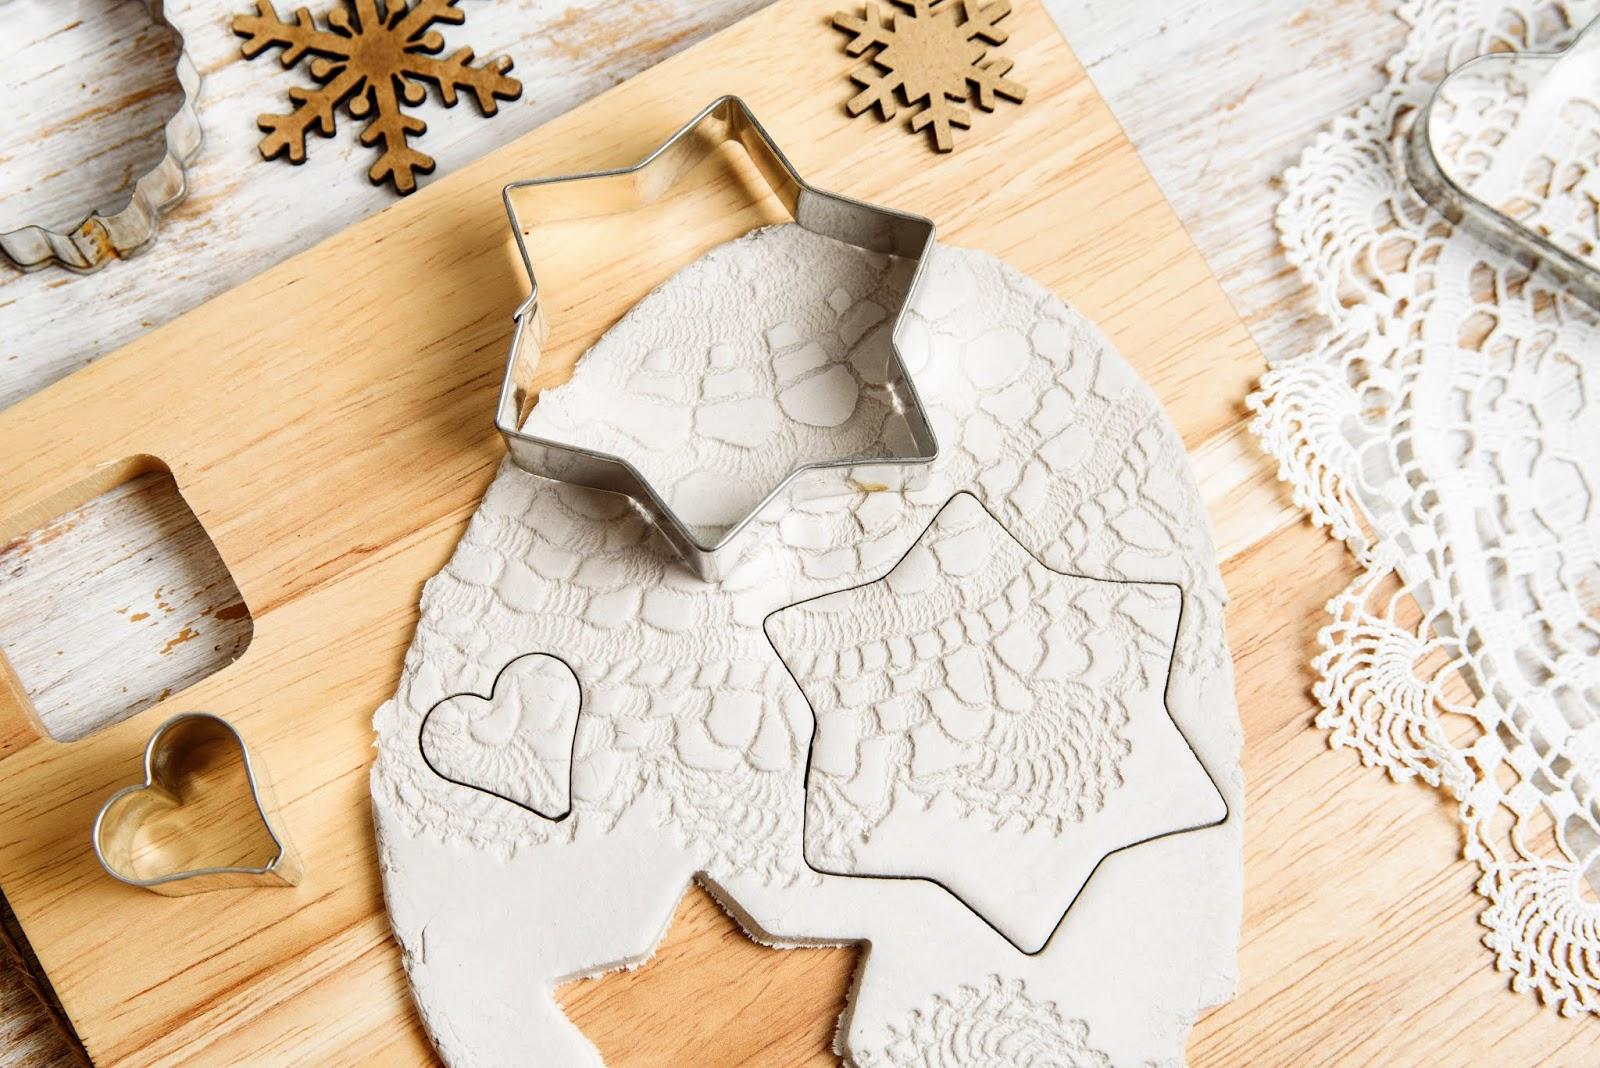 Manualidades navideñas fáciles y rápidas  con pasta de modelar